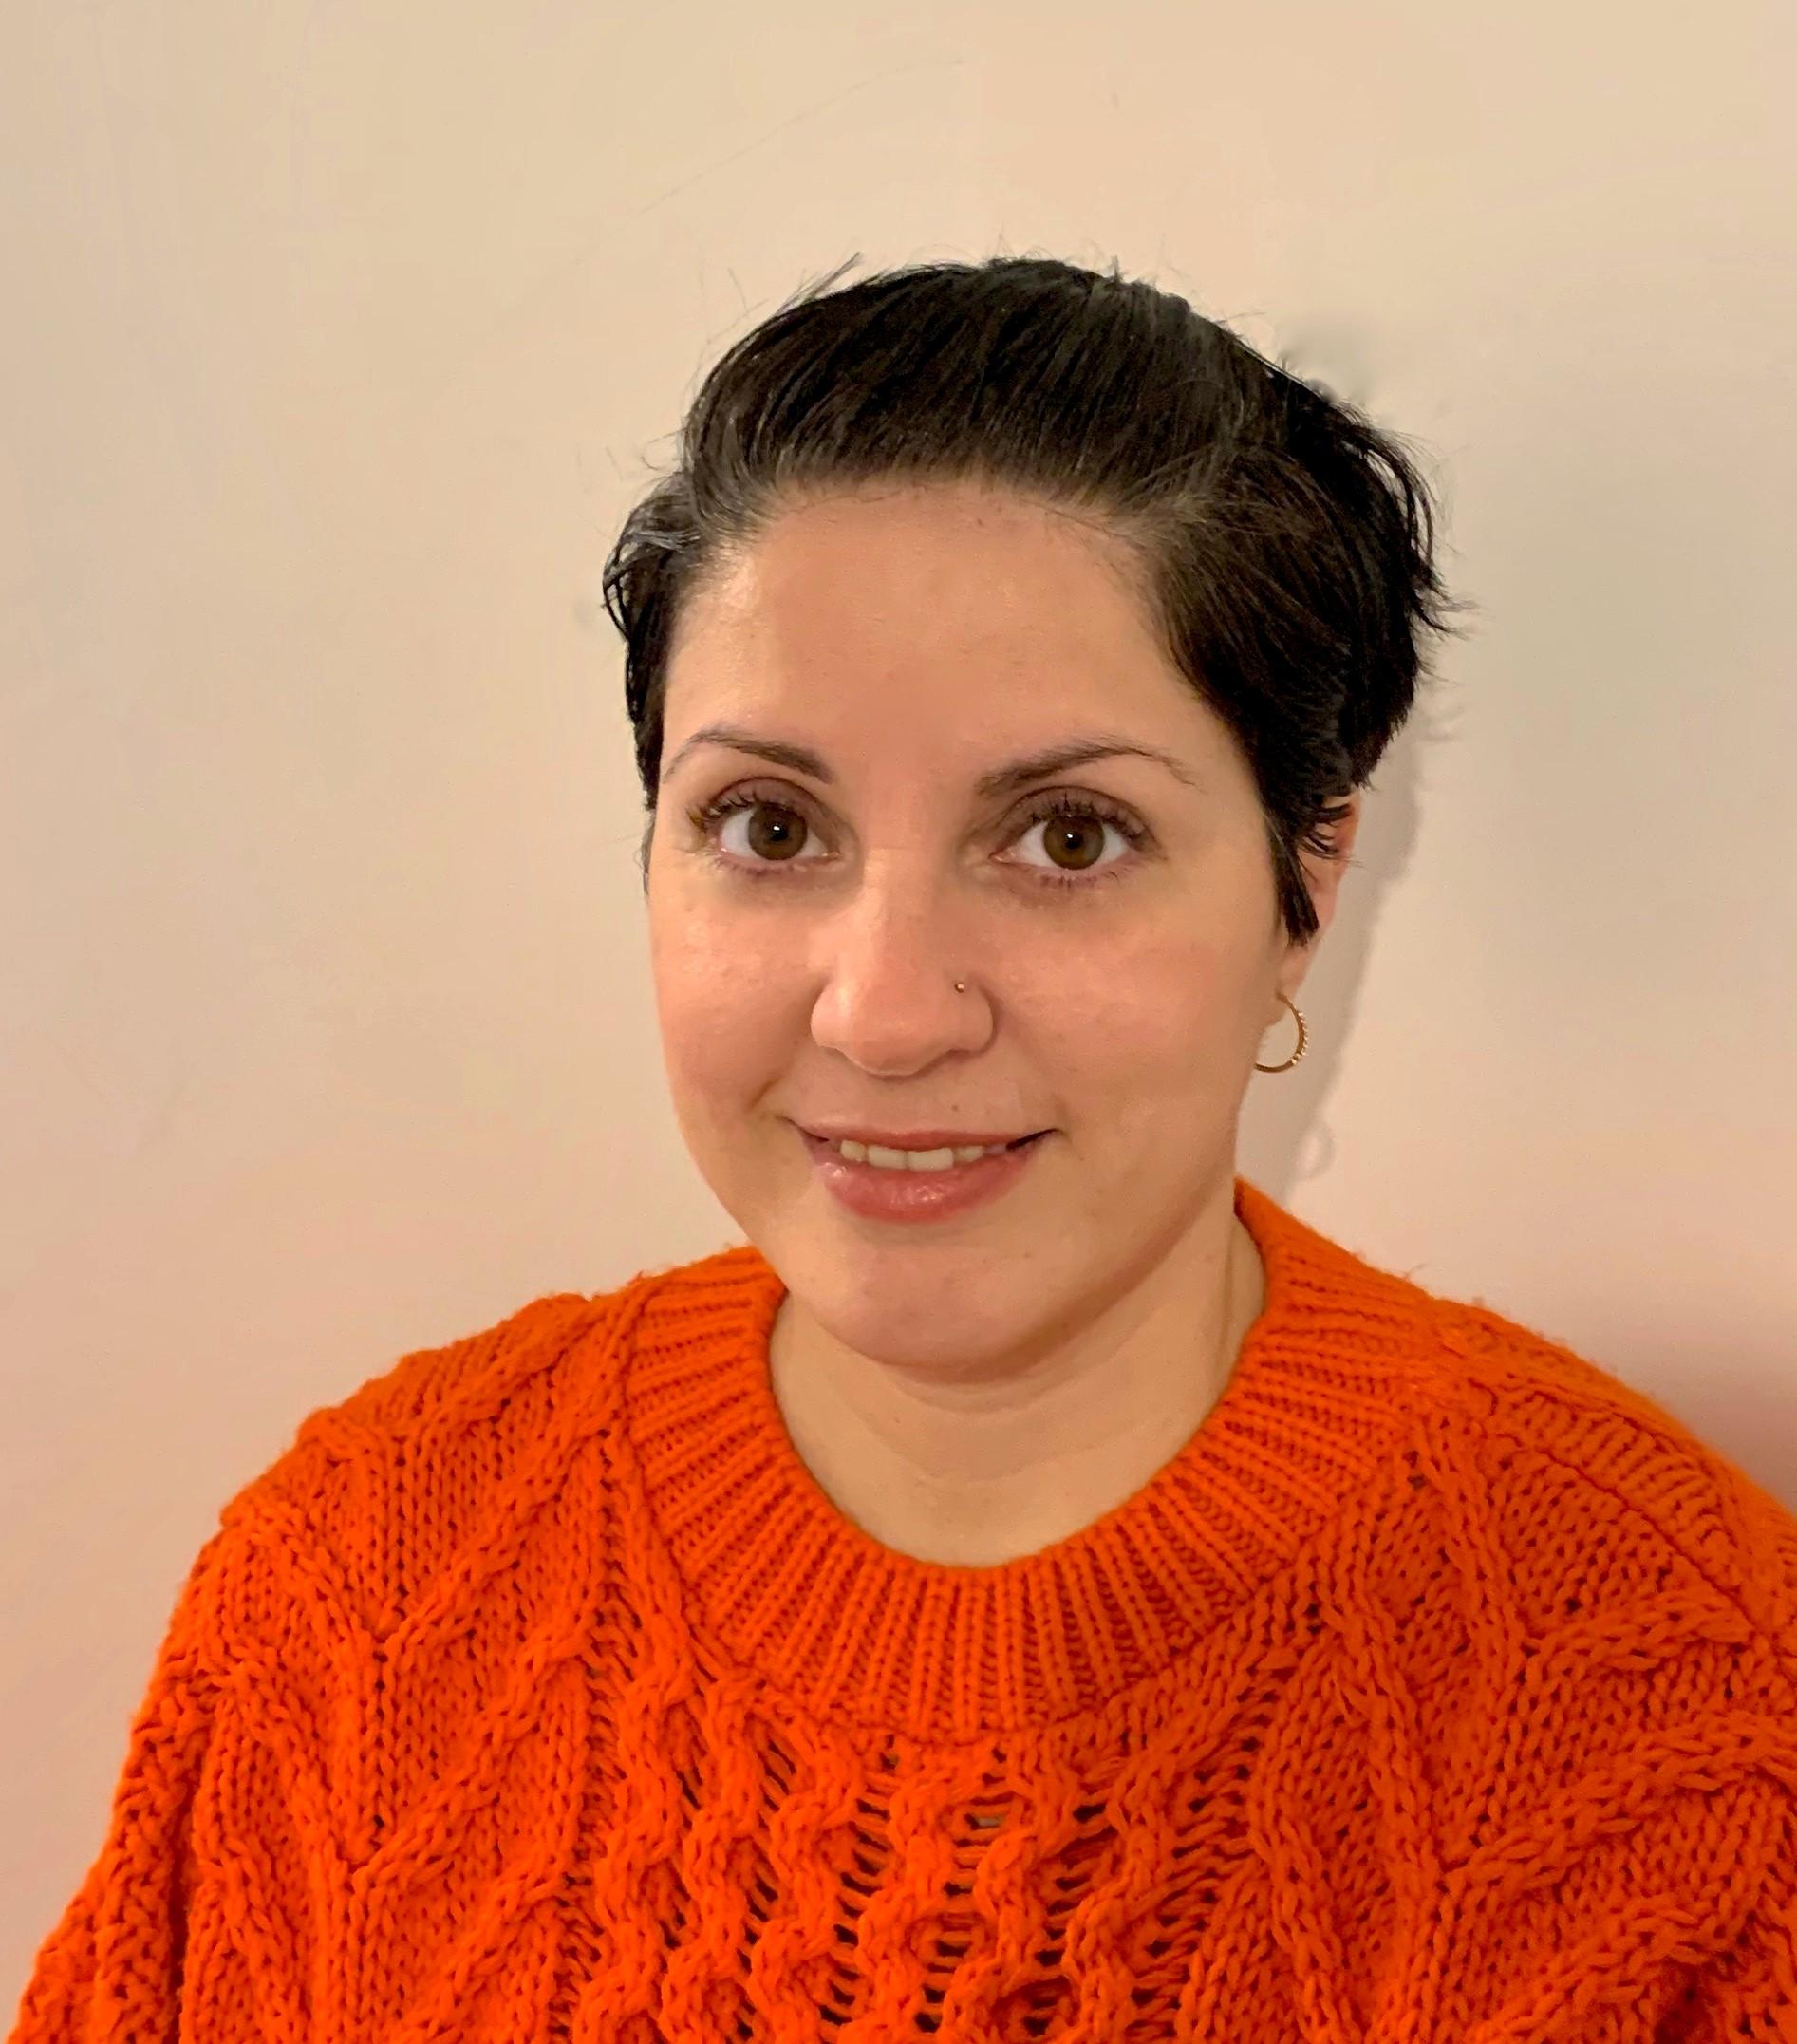 Sofia Remountaki